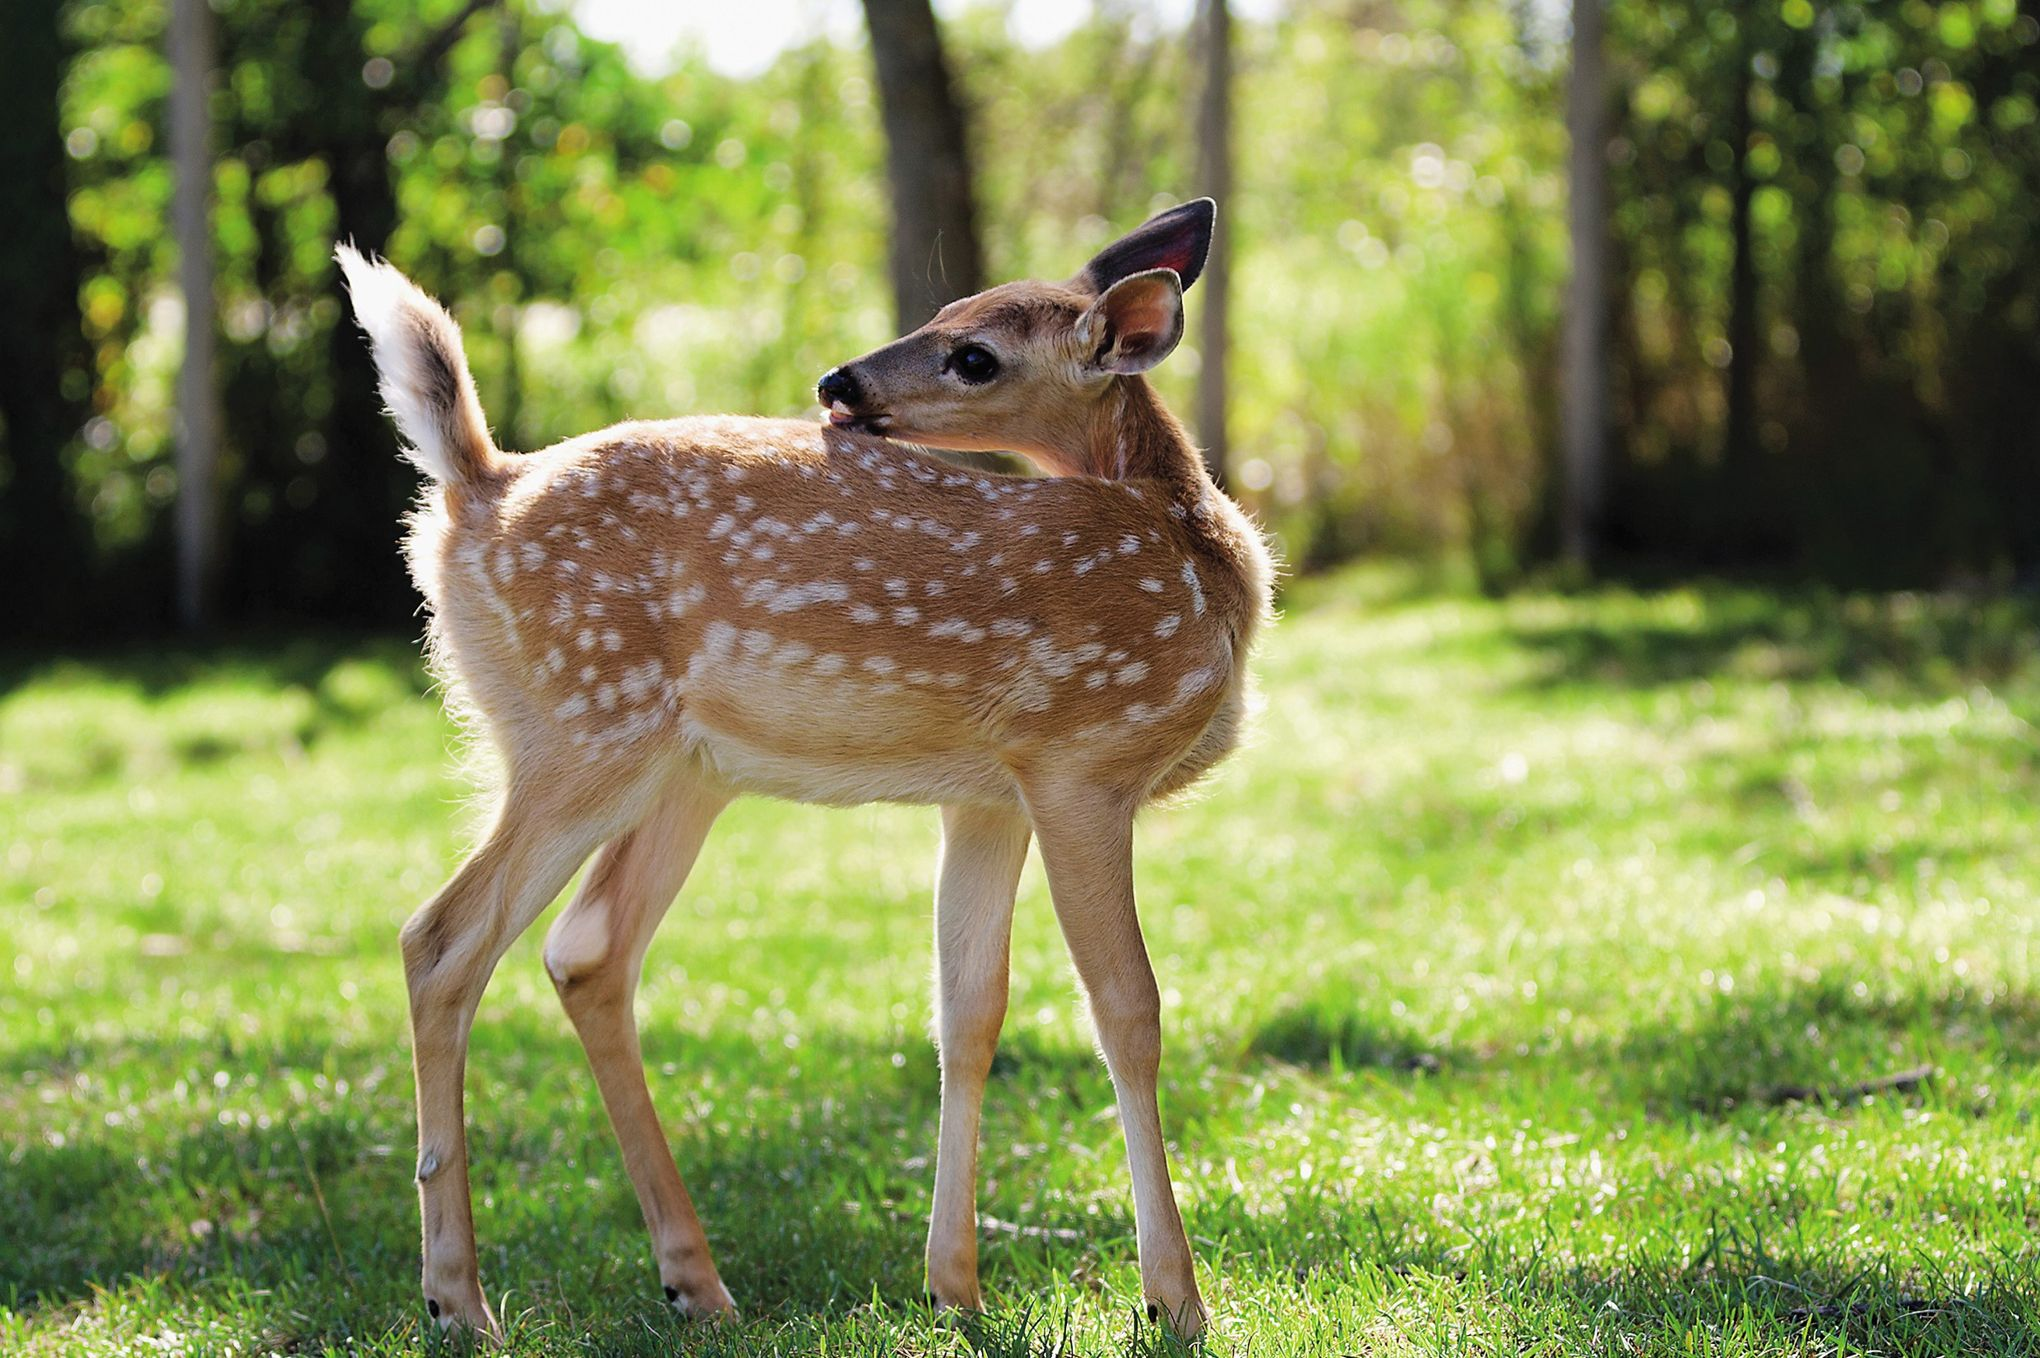 Le Domaine du Bois aux daims, au c u0153ur de la nature pour c u00f4toyer les animaux # Le Domaine Du Bois Aux Daims